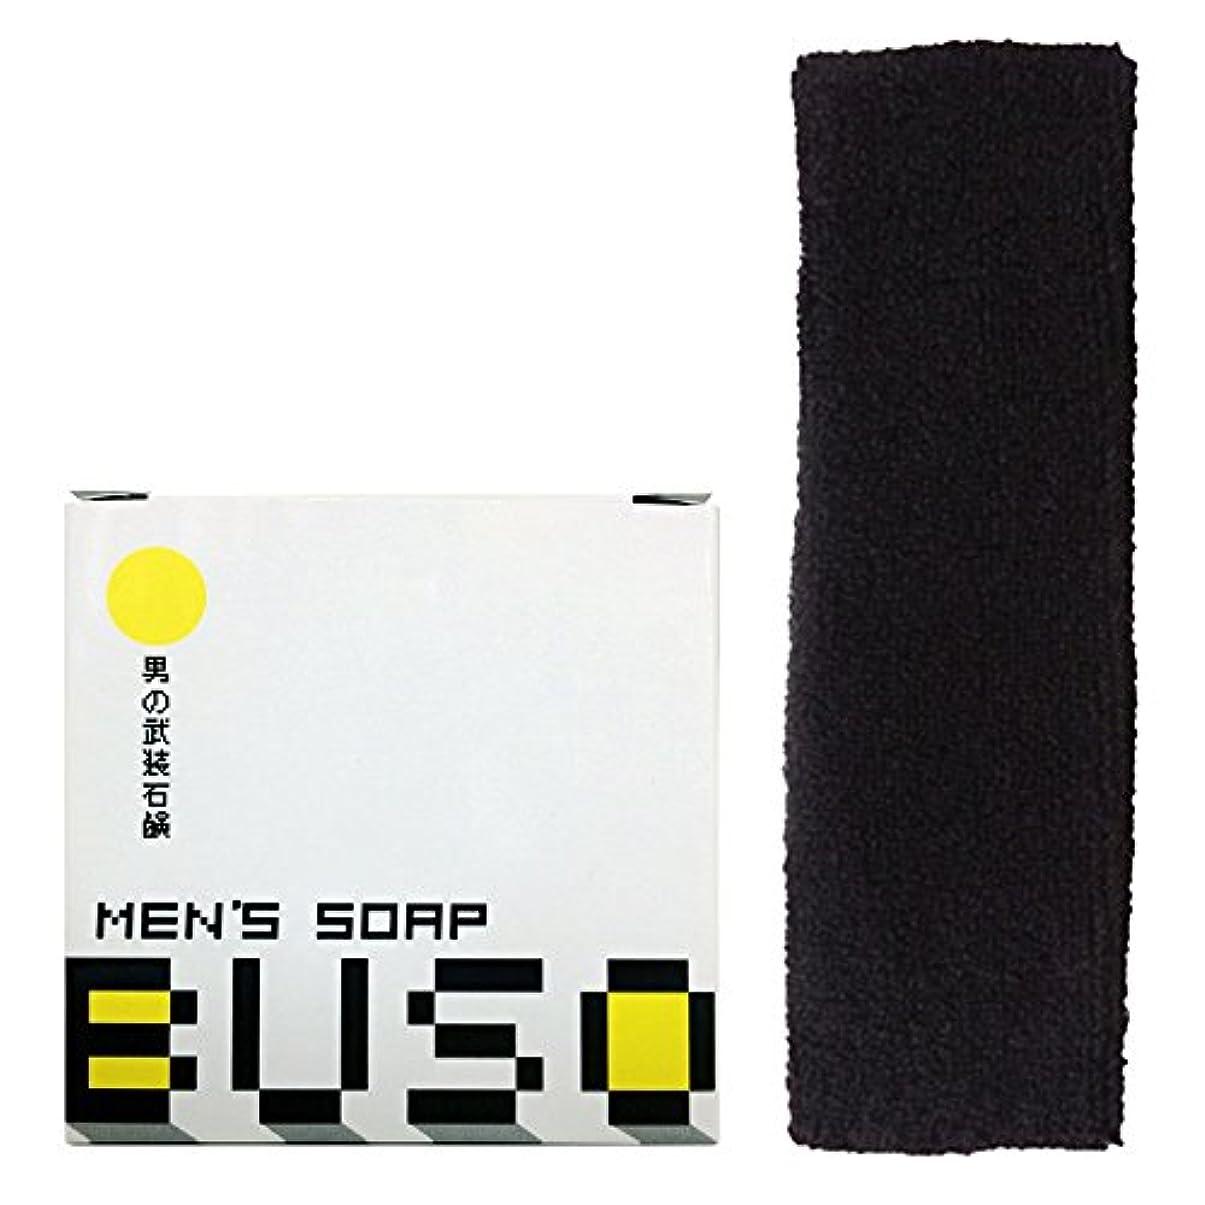 によって無駄に威信男性美容石鹸 BUSO 武装 メンズソープ(泡立てネット付き)&ヘアバンド 各1